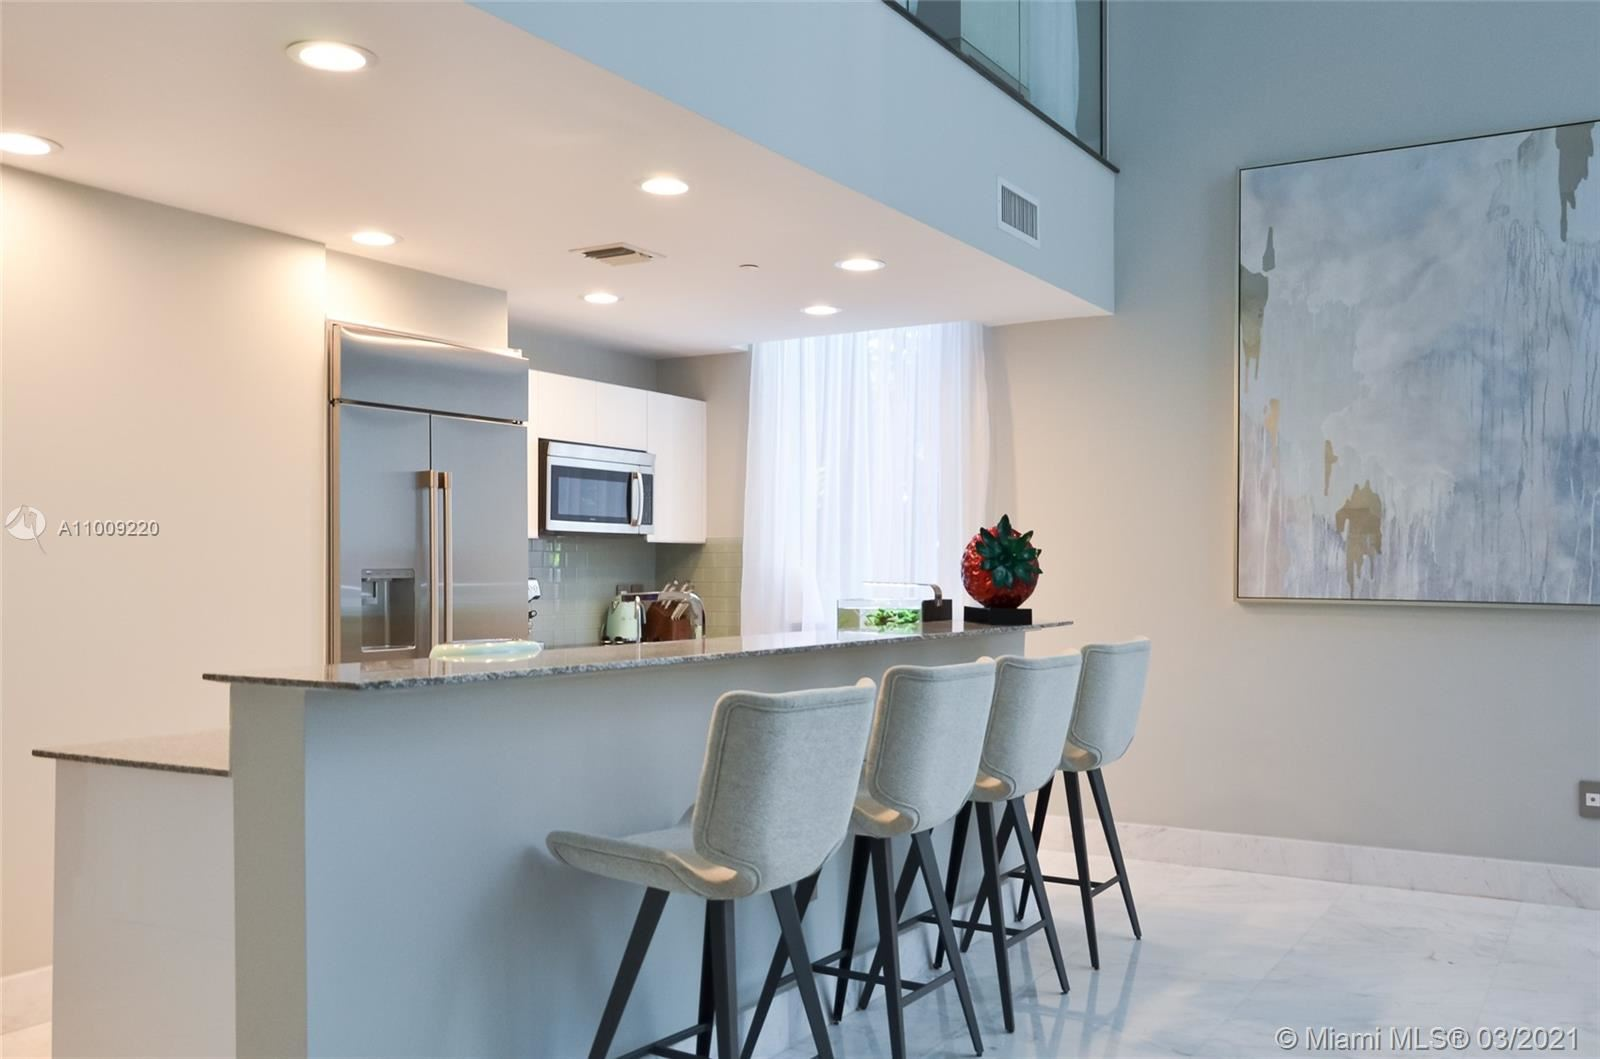 1060 Brickell Ave #203, Miami, FL 33131 - #: A11009220